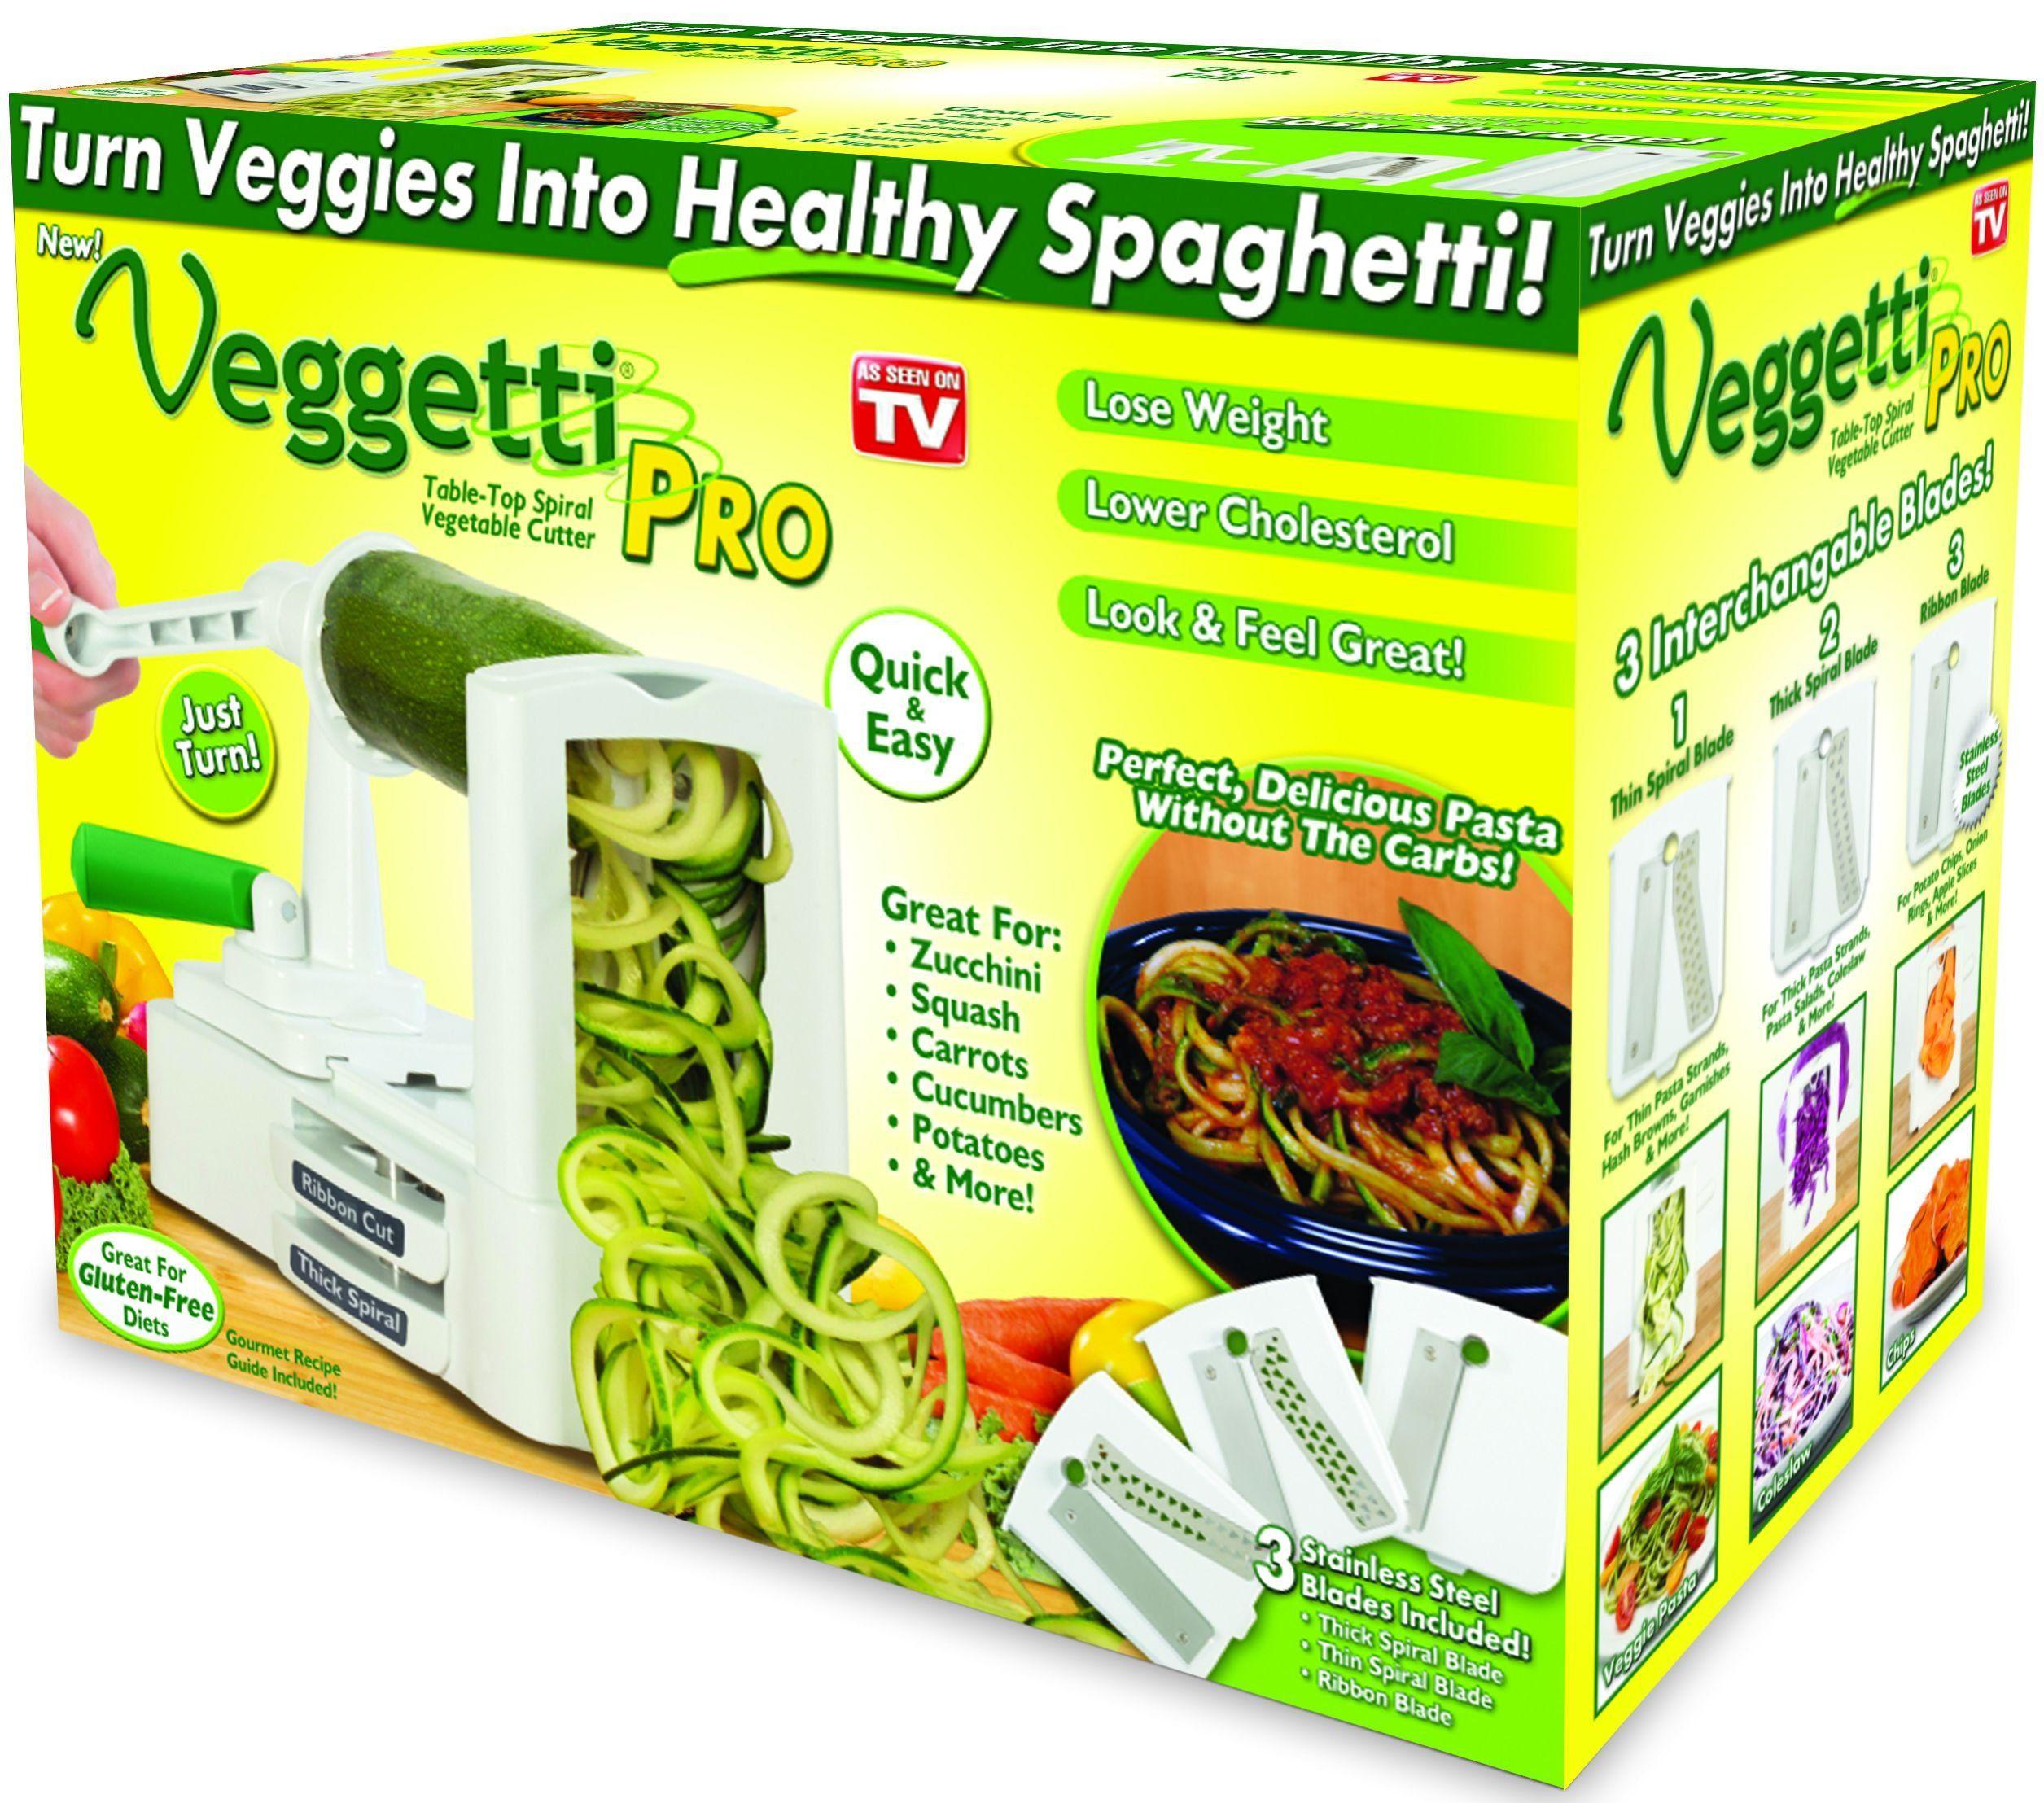 Veggetti Pro Table Top Spiralizer Quickly Spiral Slice